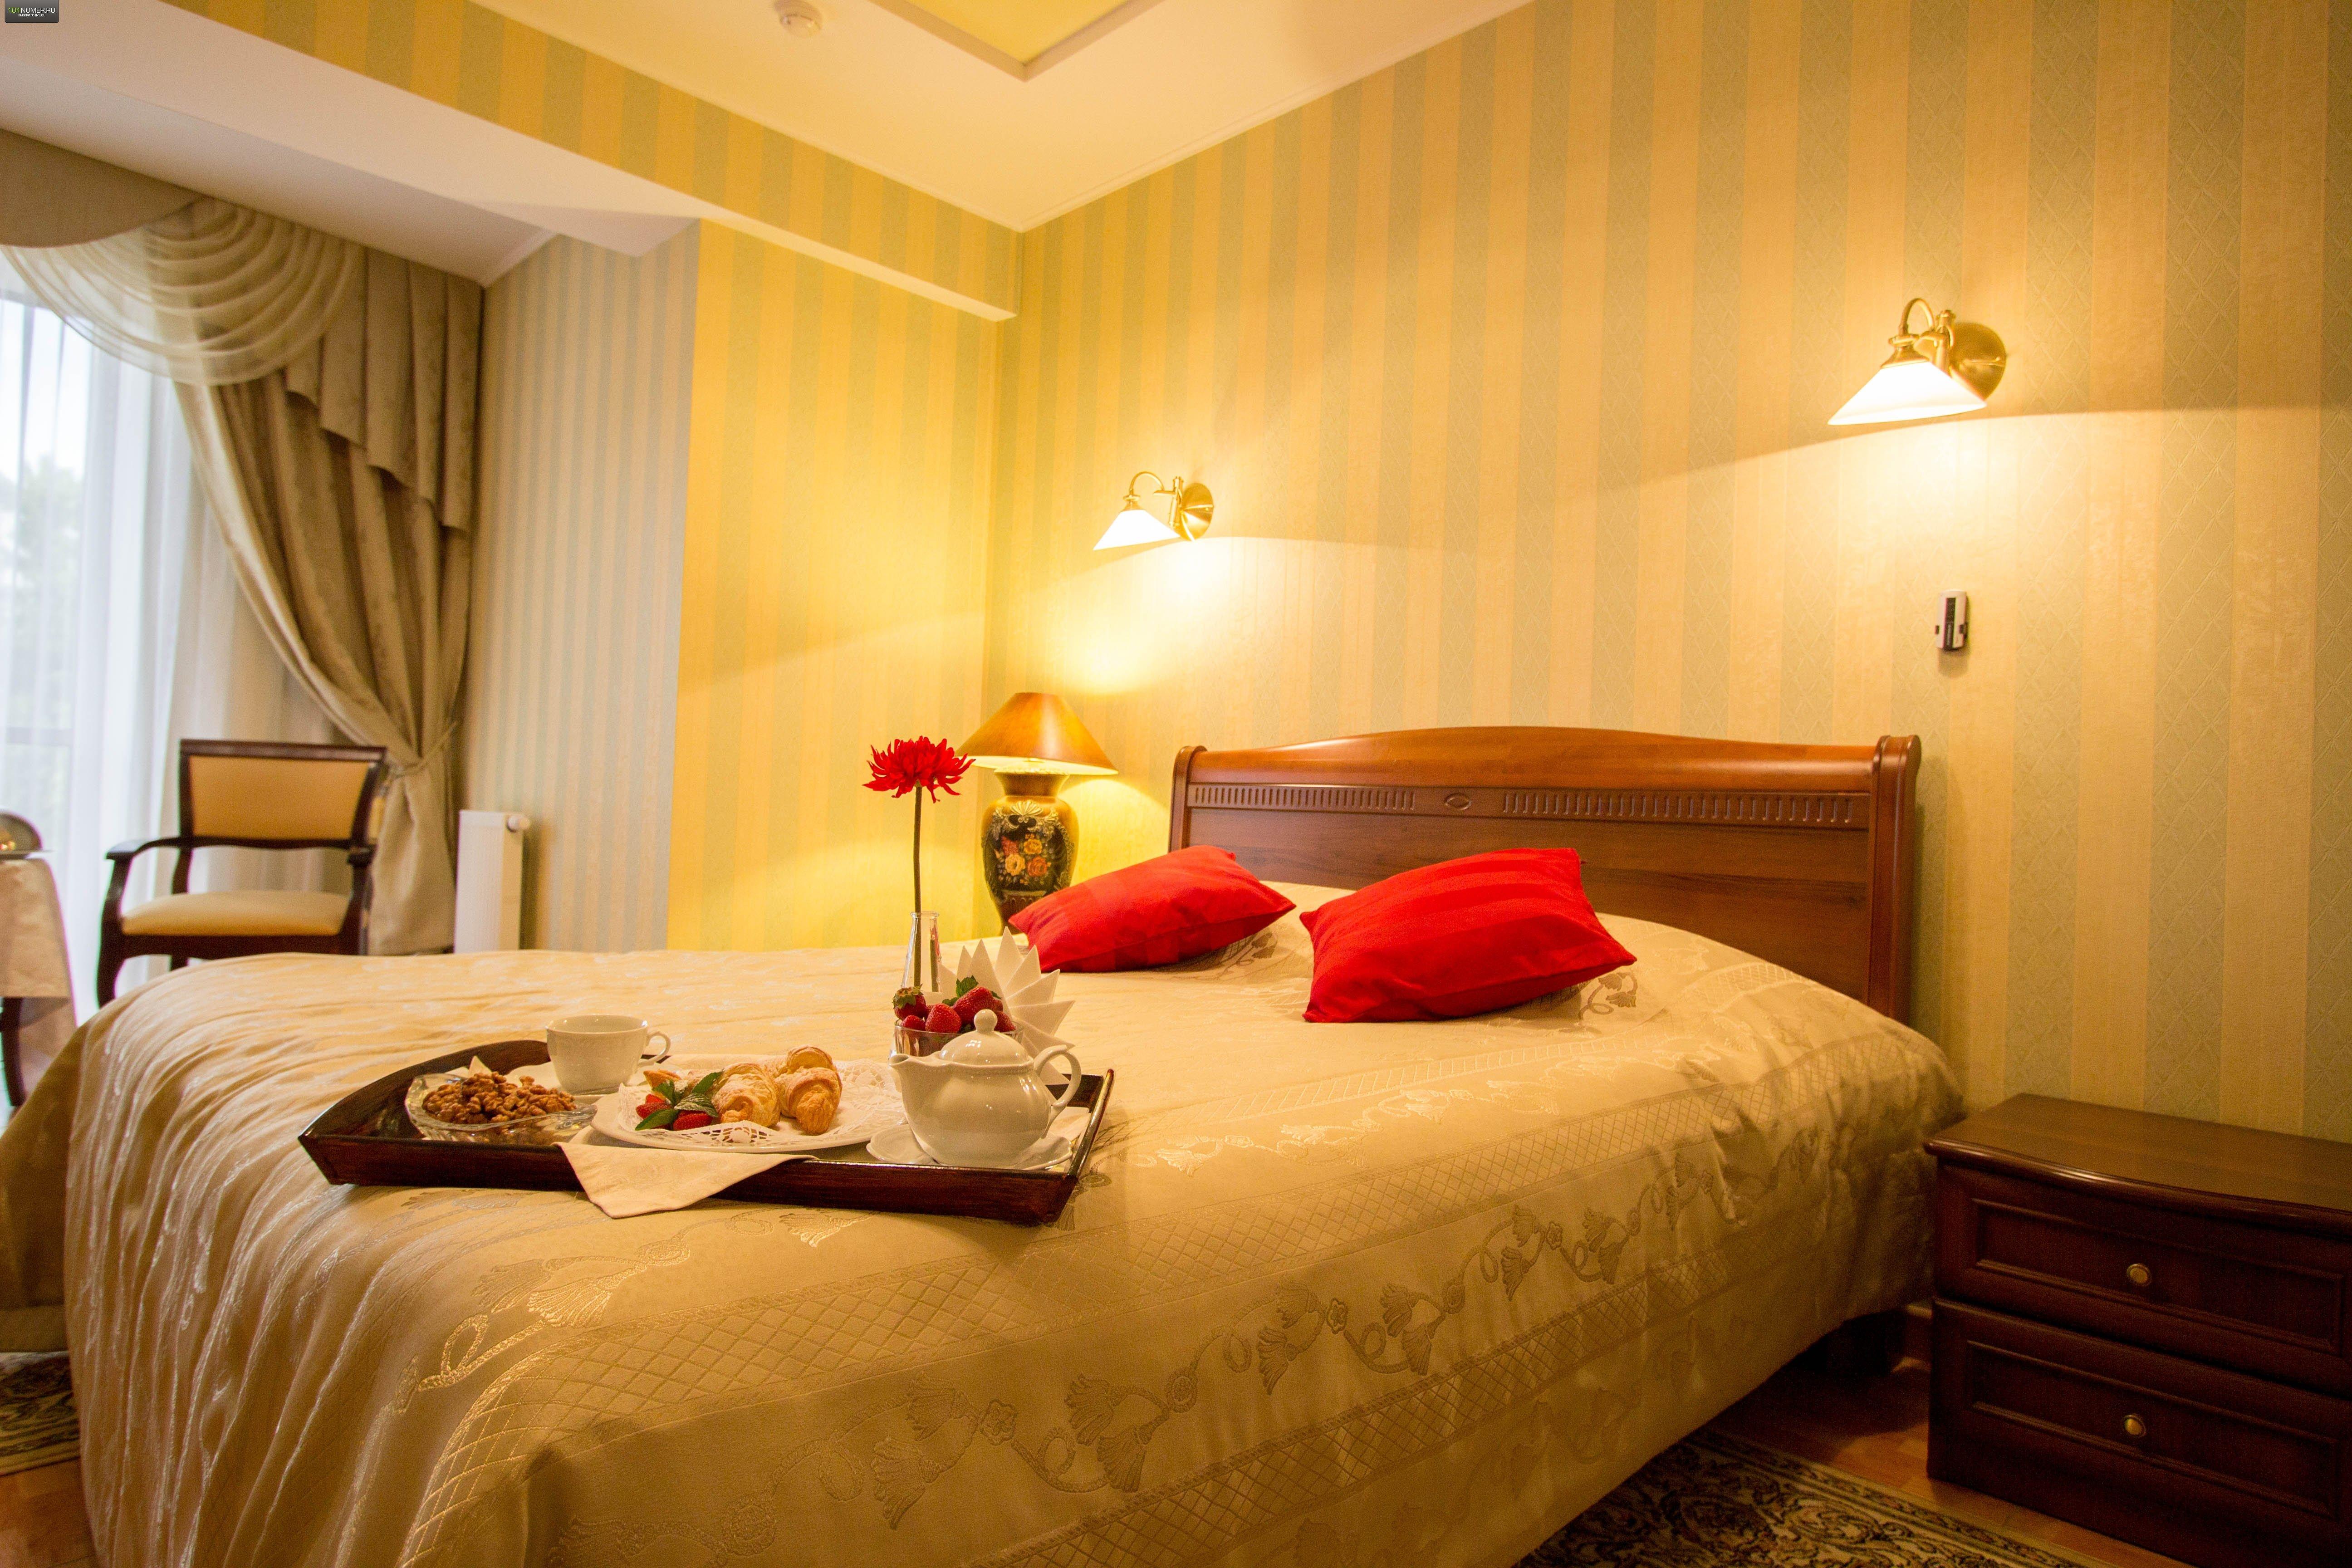 Гостиницы и отели краснодара